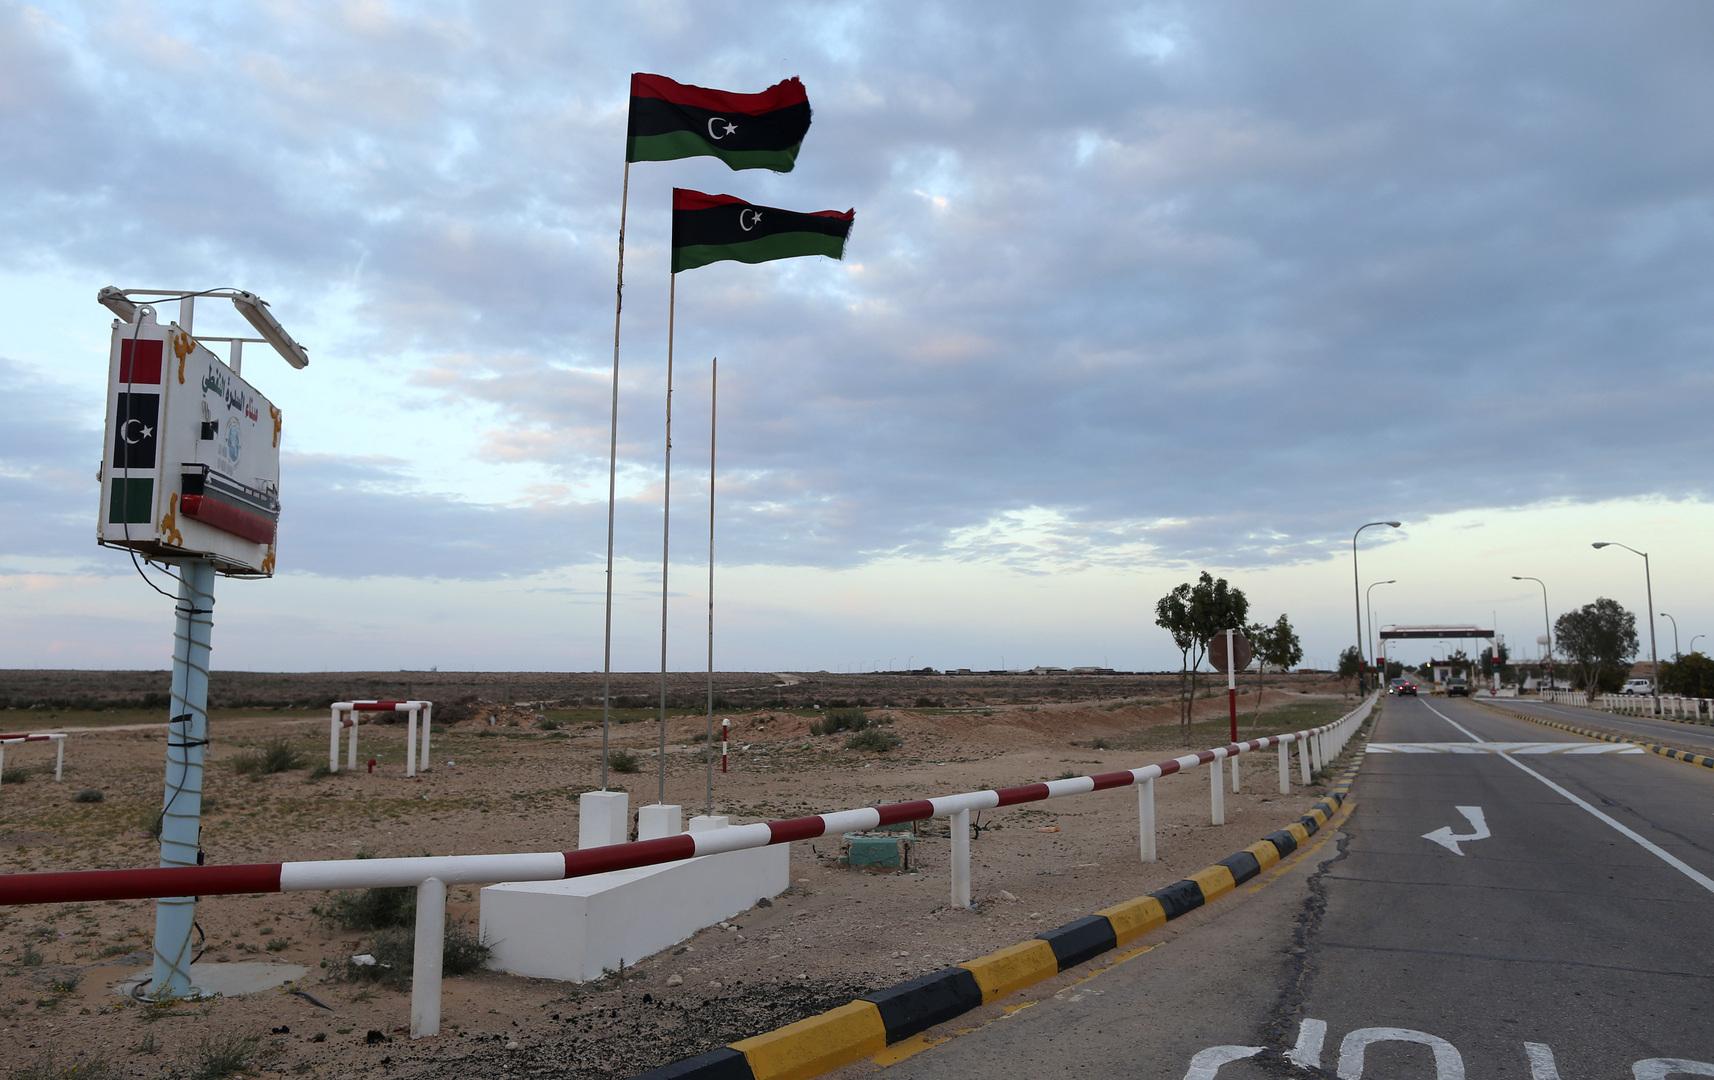 مبادرة السيسي حول ليبيا.. من ساندها ومن عاندها ومن تجاهلها حتى الآن؟